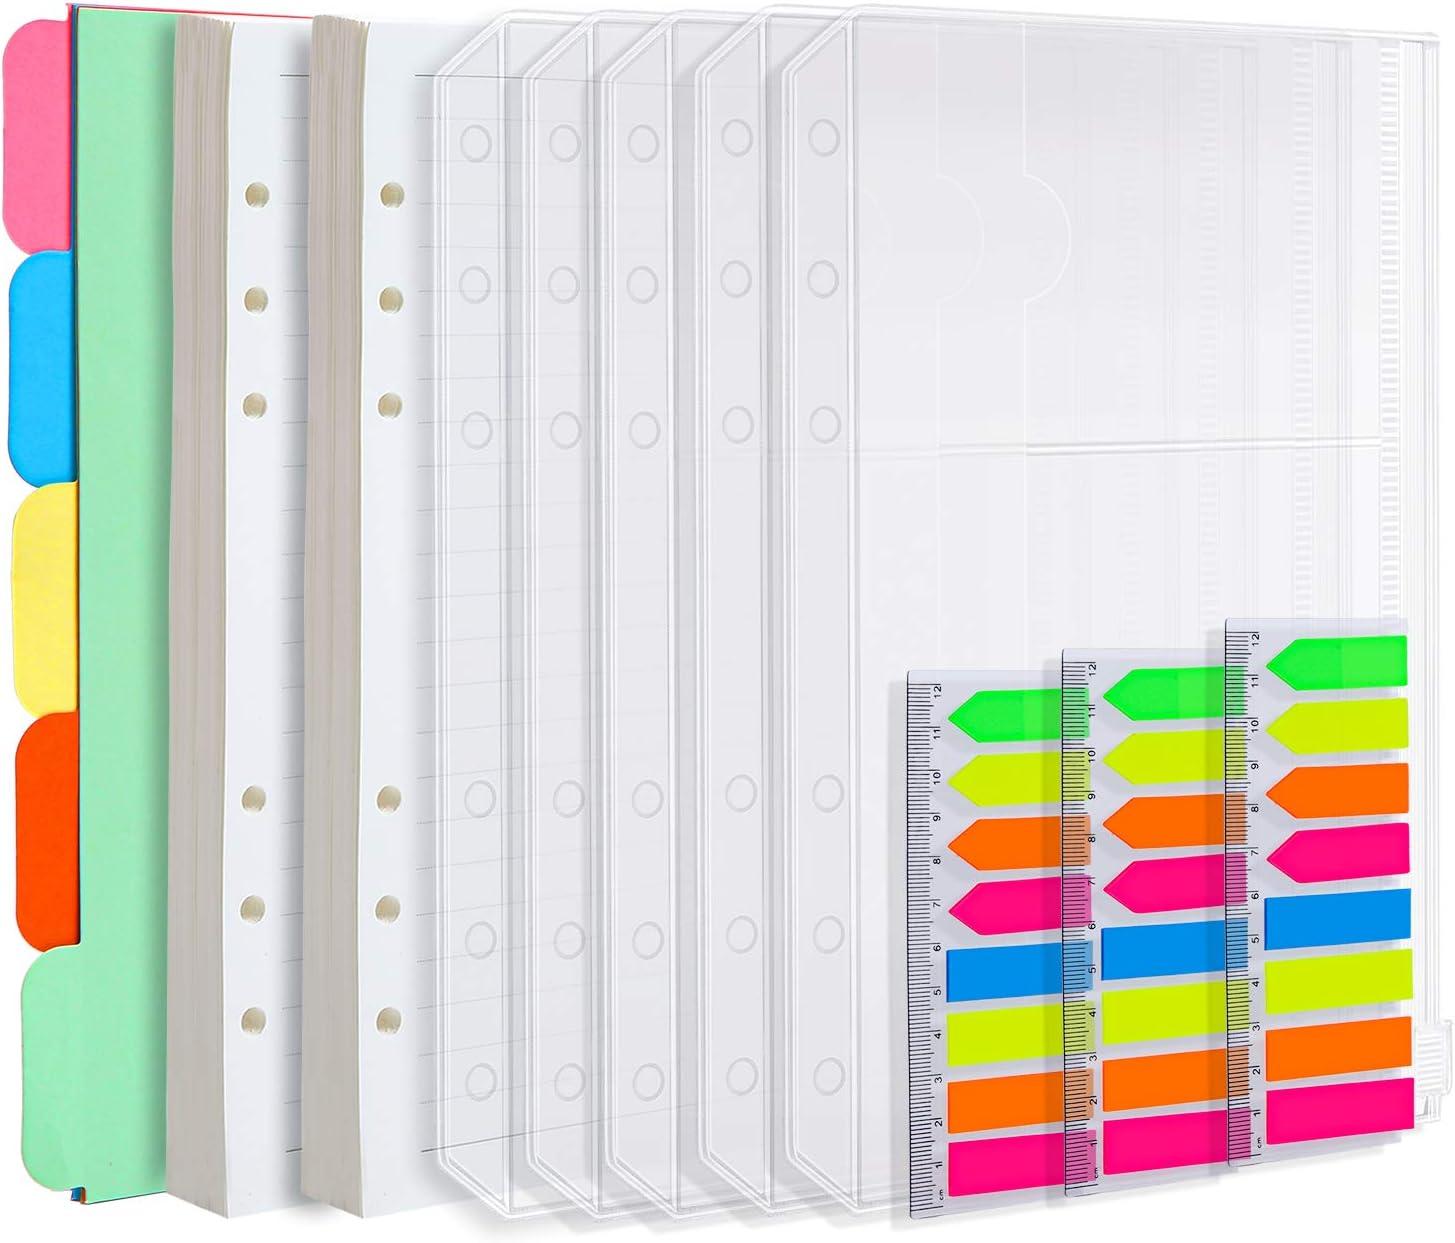 Elcoho - Juego de 2 recambios de papel A5, 90 hojas/180 páginas y 5 separadores de colores por tema, 5 sobres con cierre de cremallera, 480 notas adhesivas / pestañas de indexación.